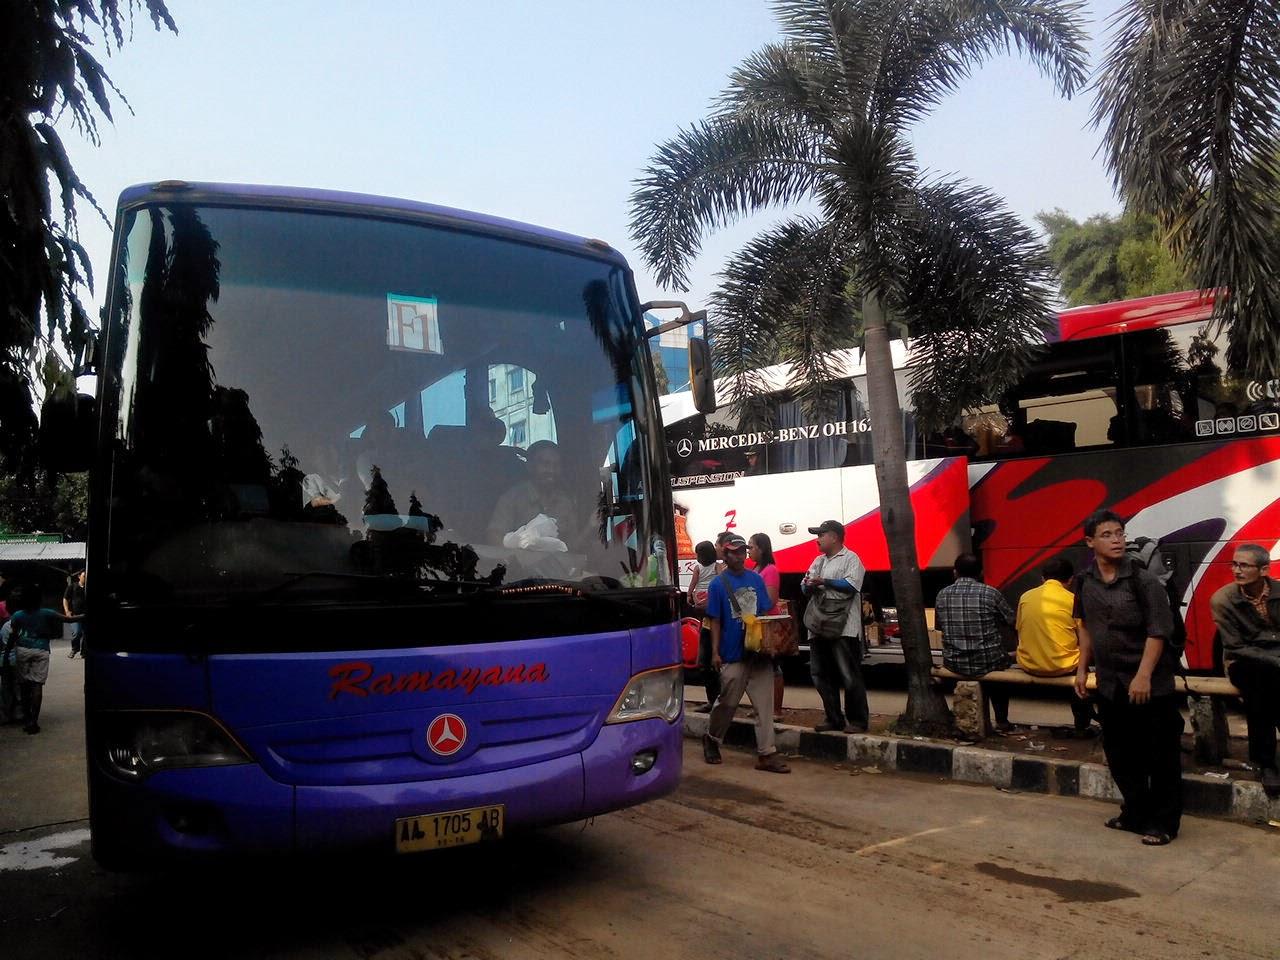 Bus Ramayana Jurusan Jogja - Lebak Bulus